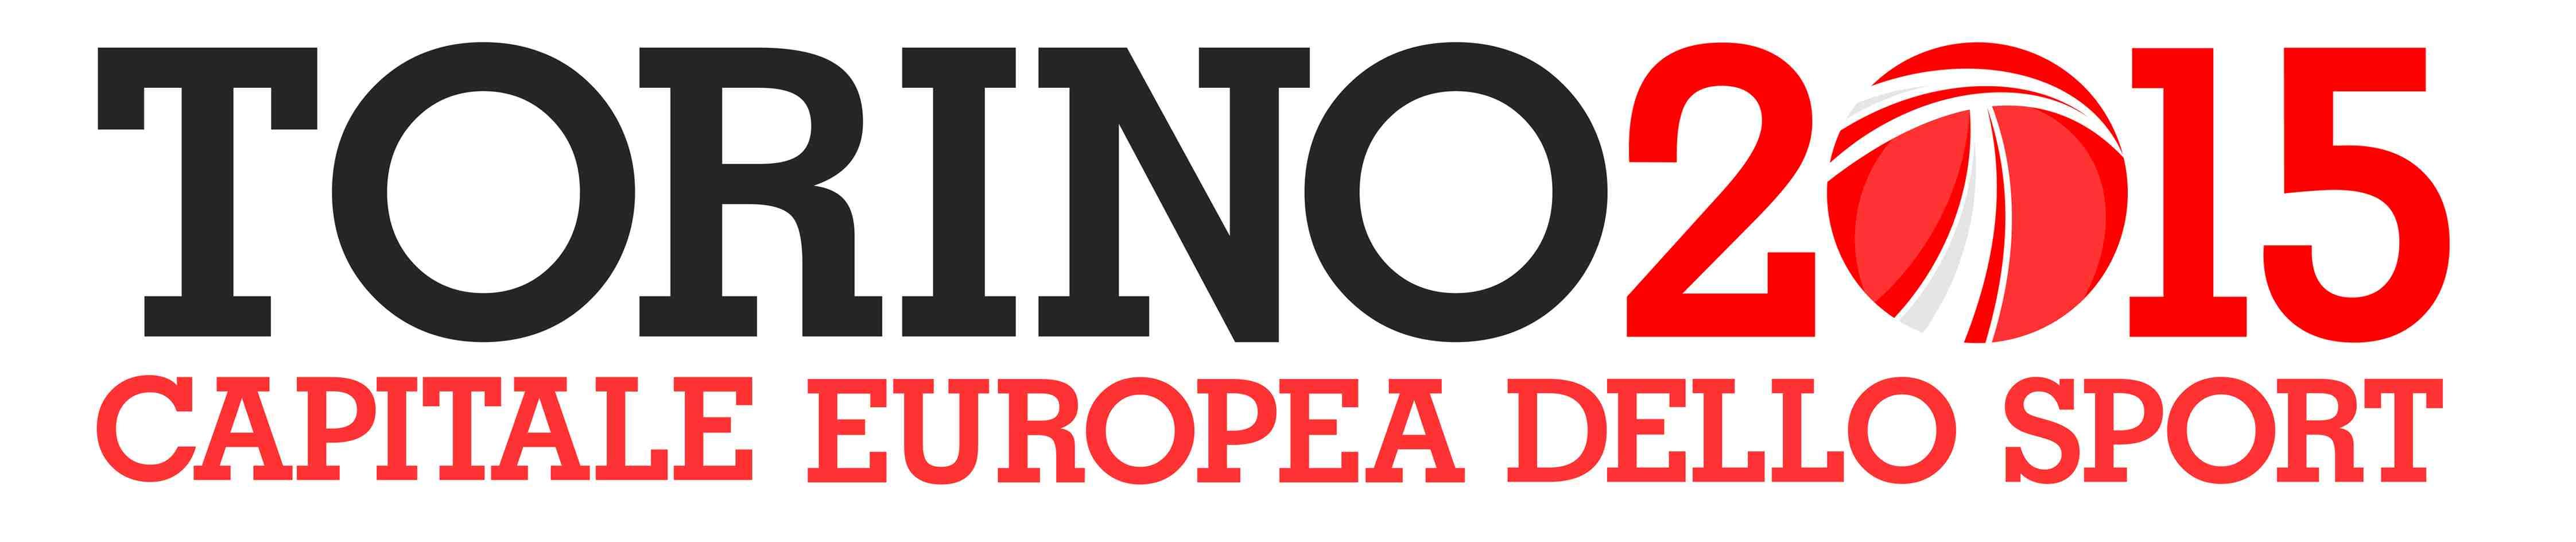 Torino 2015 capitale dello sport - sport a Torino